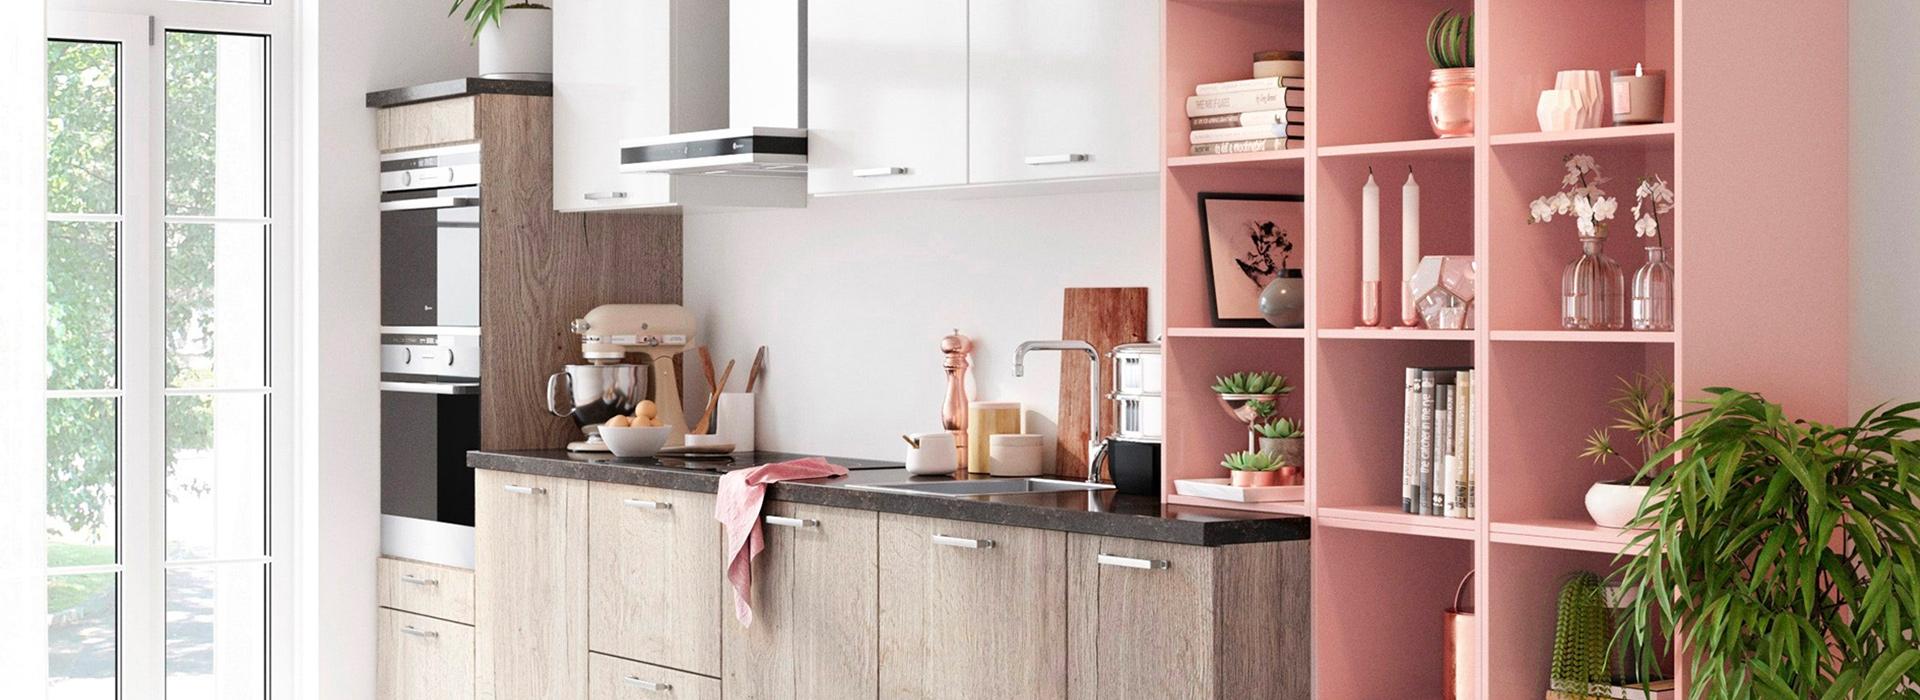 Mettre Un Miroir Dans Une Cuisine comment bien décorer sa cuisine ?